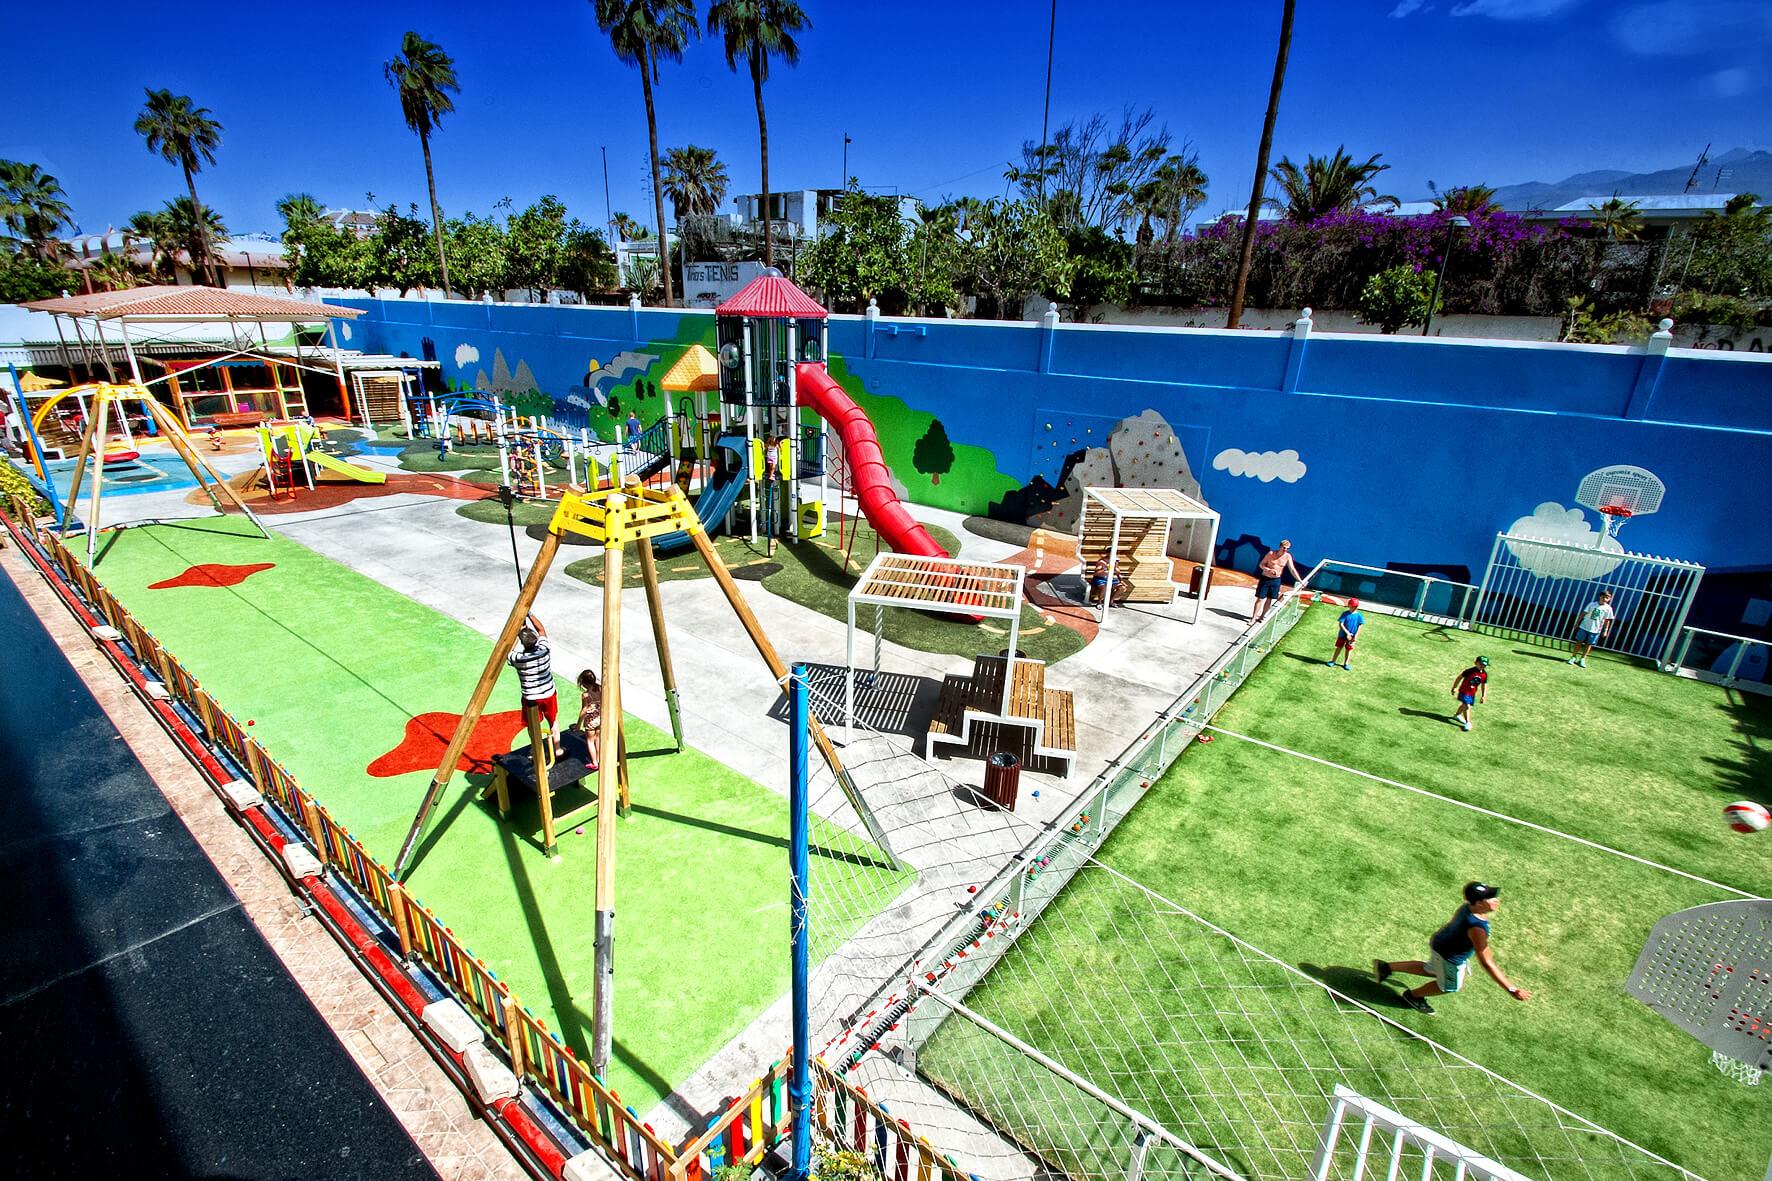 Spring Hotel Bitácora, un hotel con diversión para niños en Tenerife